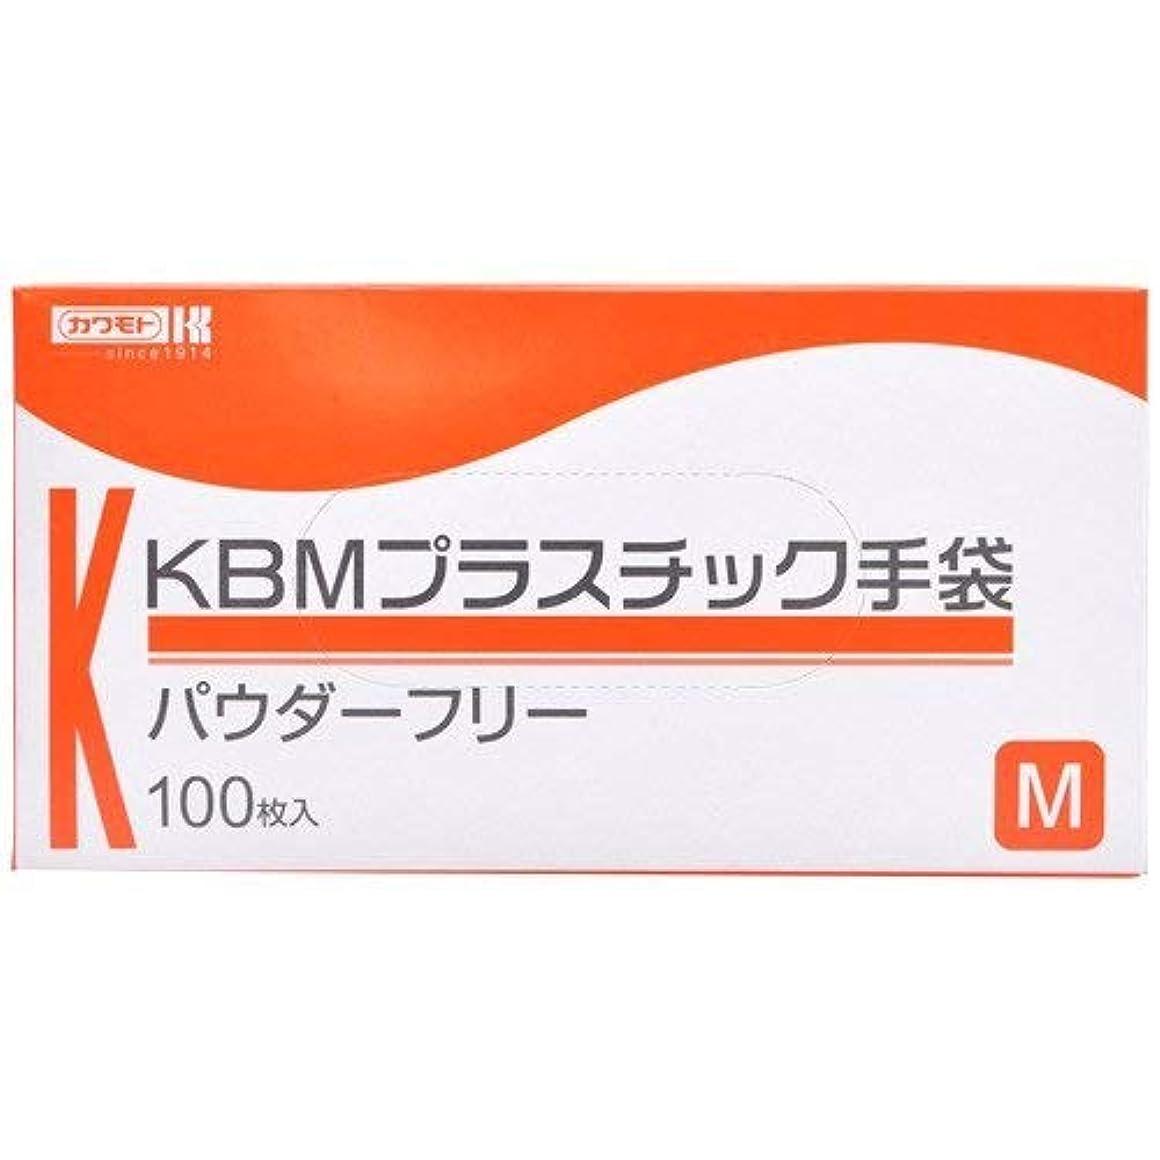 それに応じて支給ピンク川本産業 KBMプラスチック手袋 パウダーフリー M 100枚入 ×2個